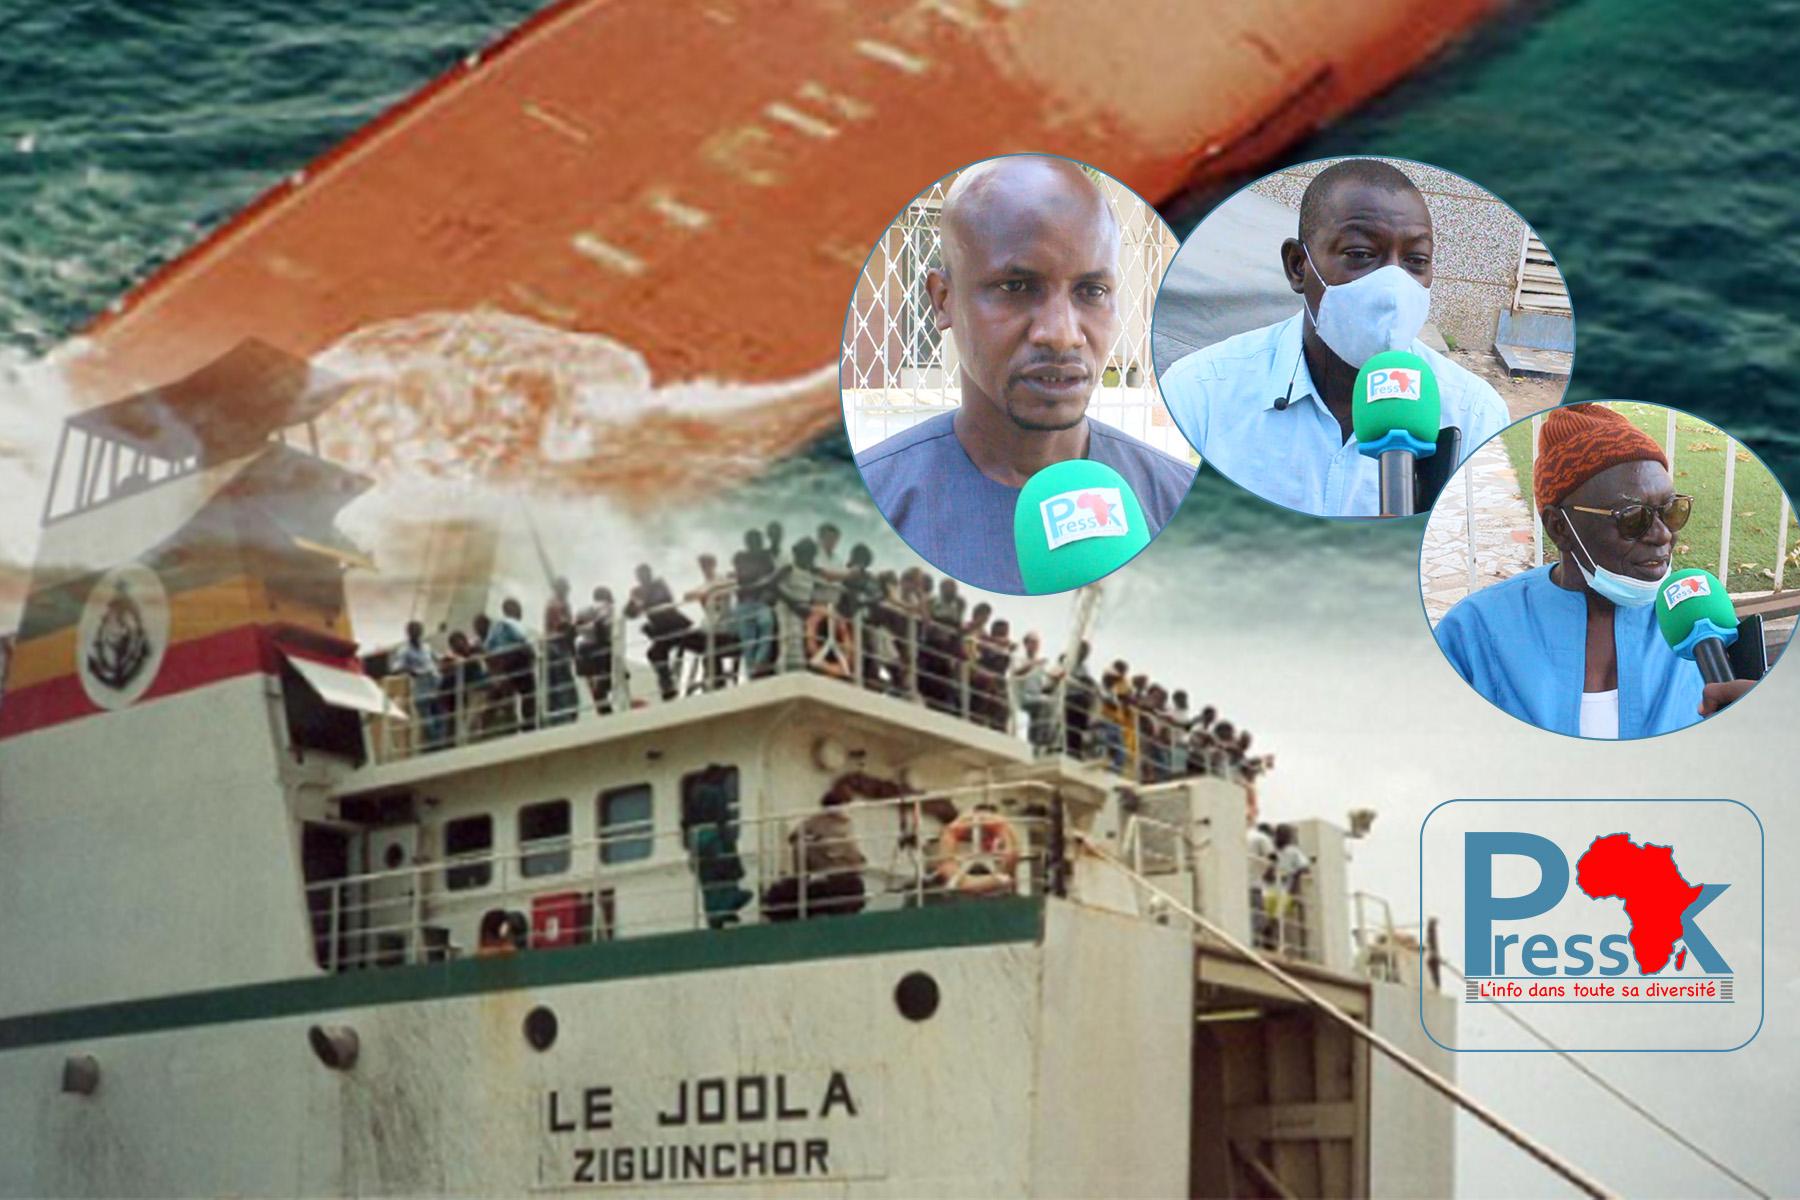 Le Joola, 18 ans après la tragédie, la date du 26 septembre ne rappelle rien à certains Sénégalais (Vidéo)